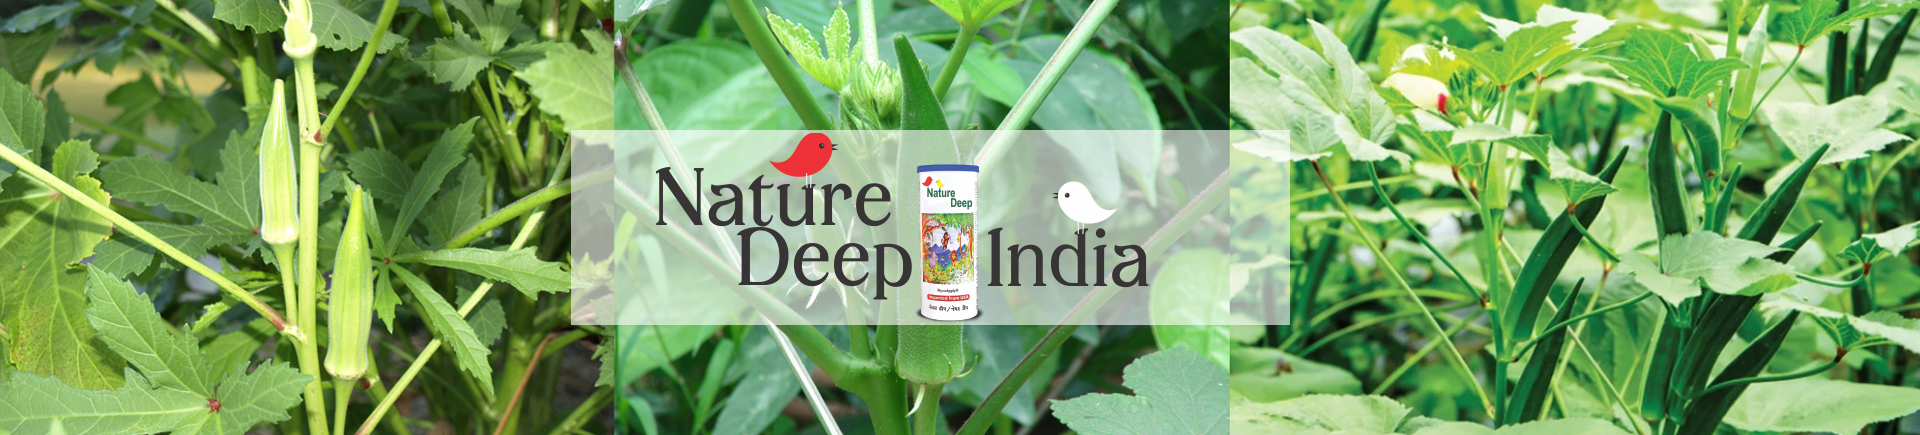 naturedeep in Ladyfinger crop desktop